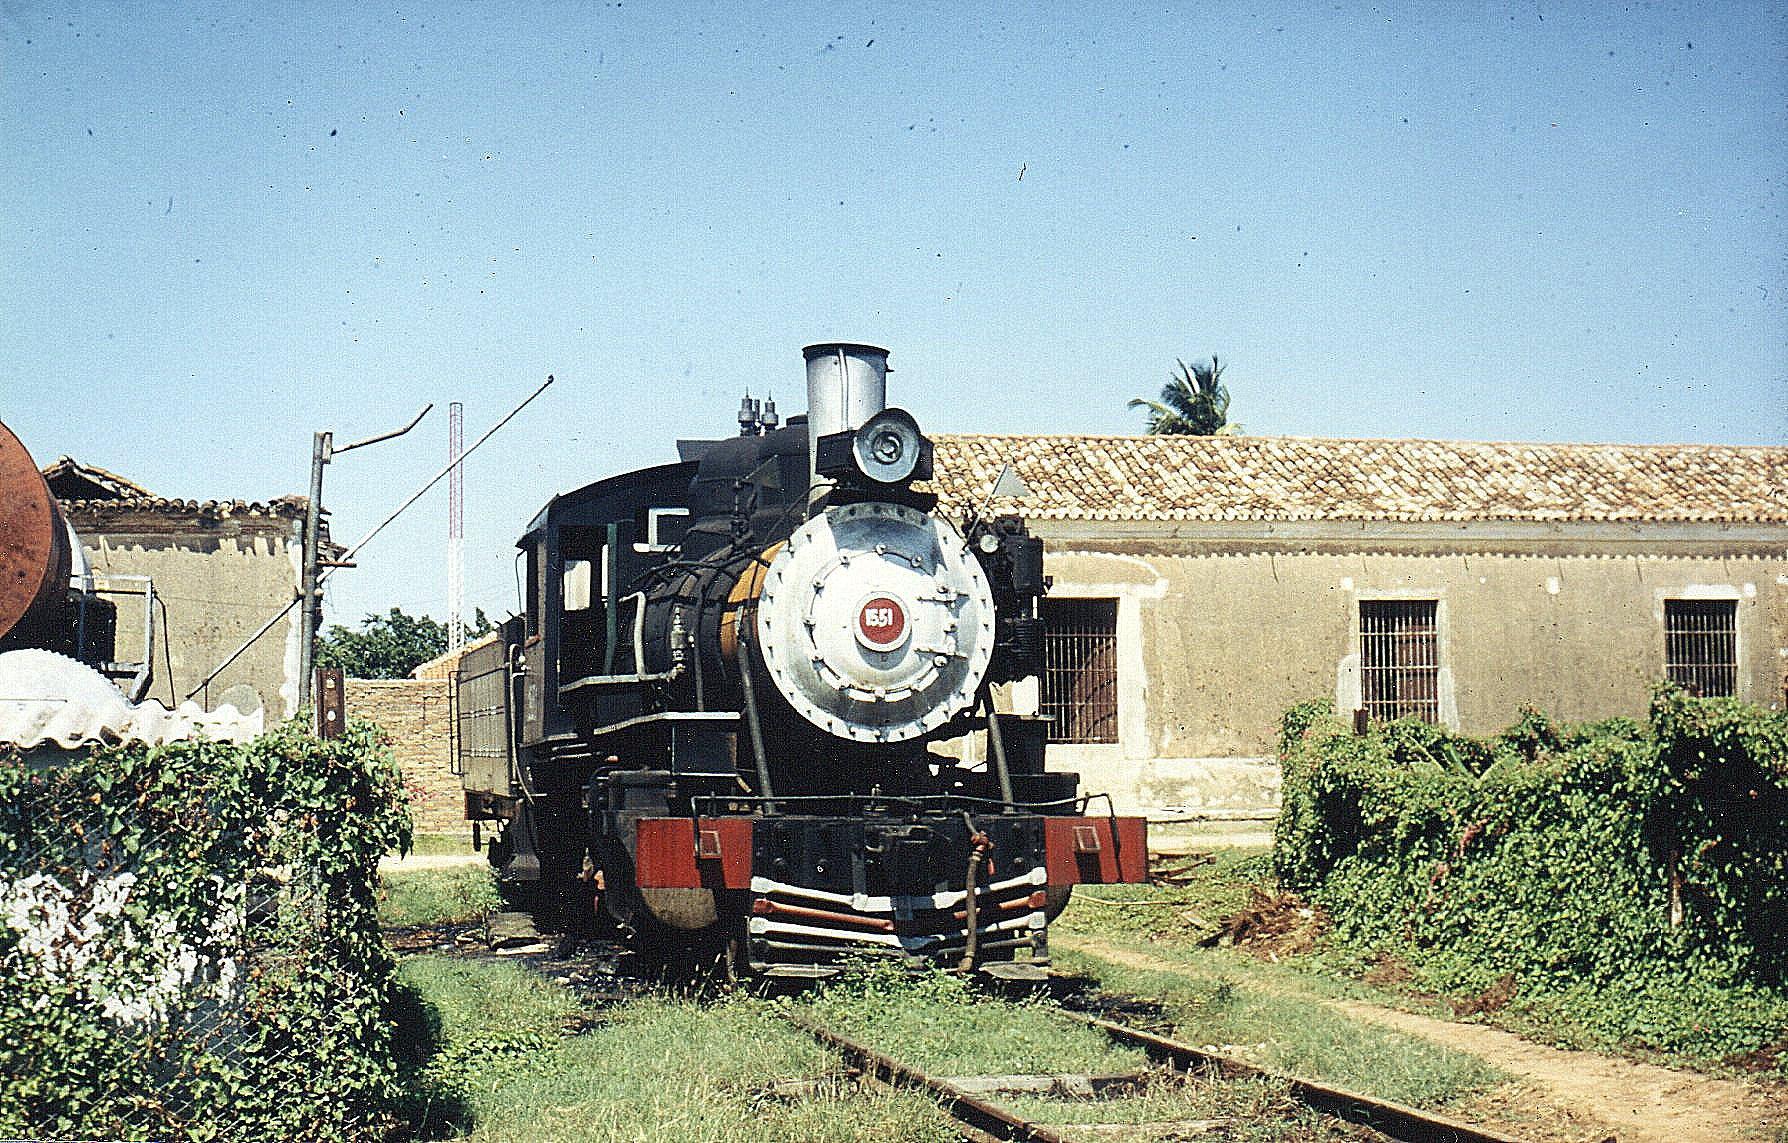 Trinidad Station havde engang været smuk, men nu lignede området et sidespor på en skrotplads eller ophugger. Ud til Sukkerdalen skulle der køre et museumstog, men maskinen her var defekt, og det var reservemotormateriellet også. Museumsmaskinen, der ellers er nymalet er 1551, Baldwin 52204/1919. 1'C. Bygget til mamerican Sugar Company. Senere CAI 438 Ramon Punciana. Tenderen var dog mærket FCUH, Havanas forenede Jernbaner.